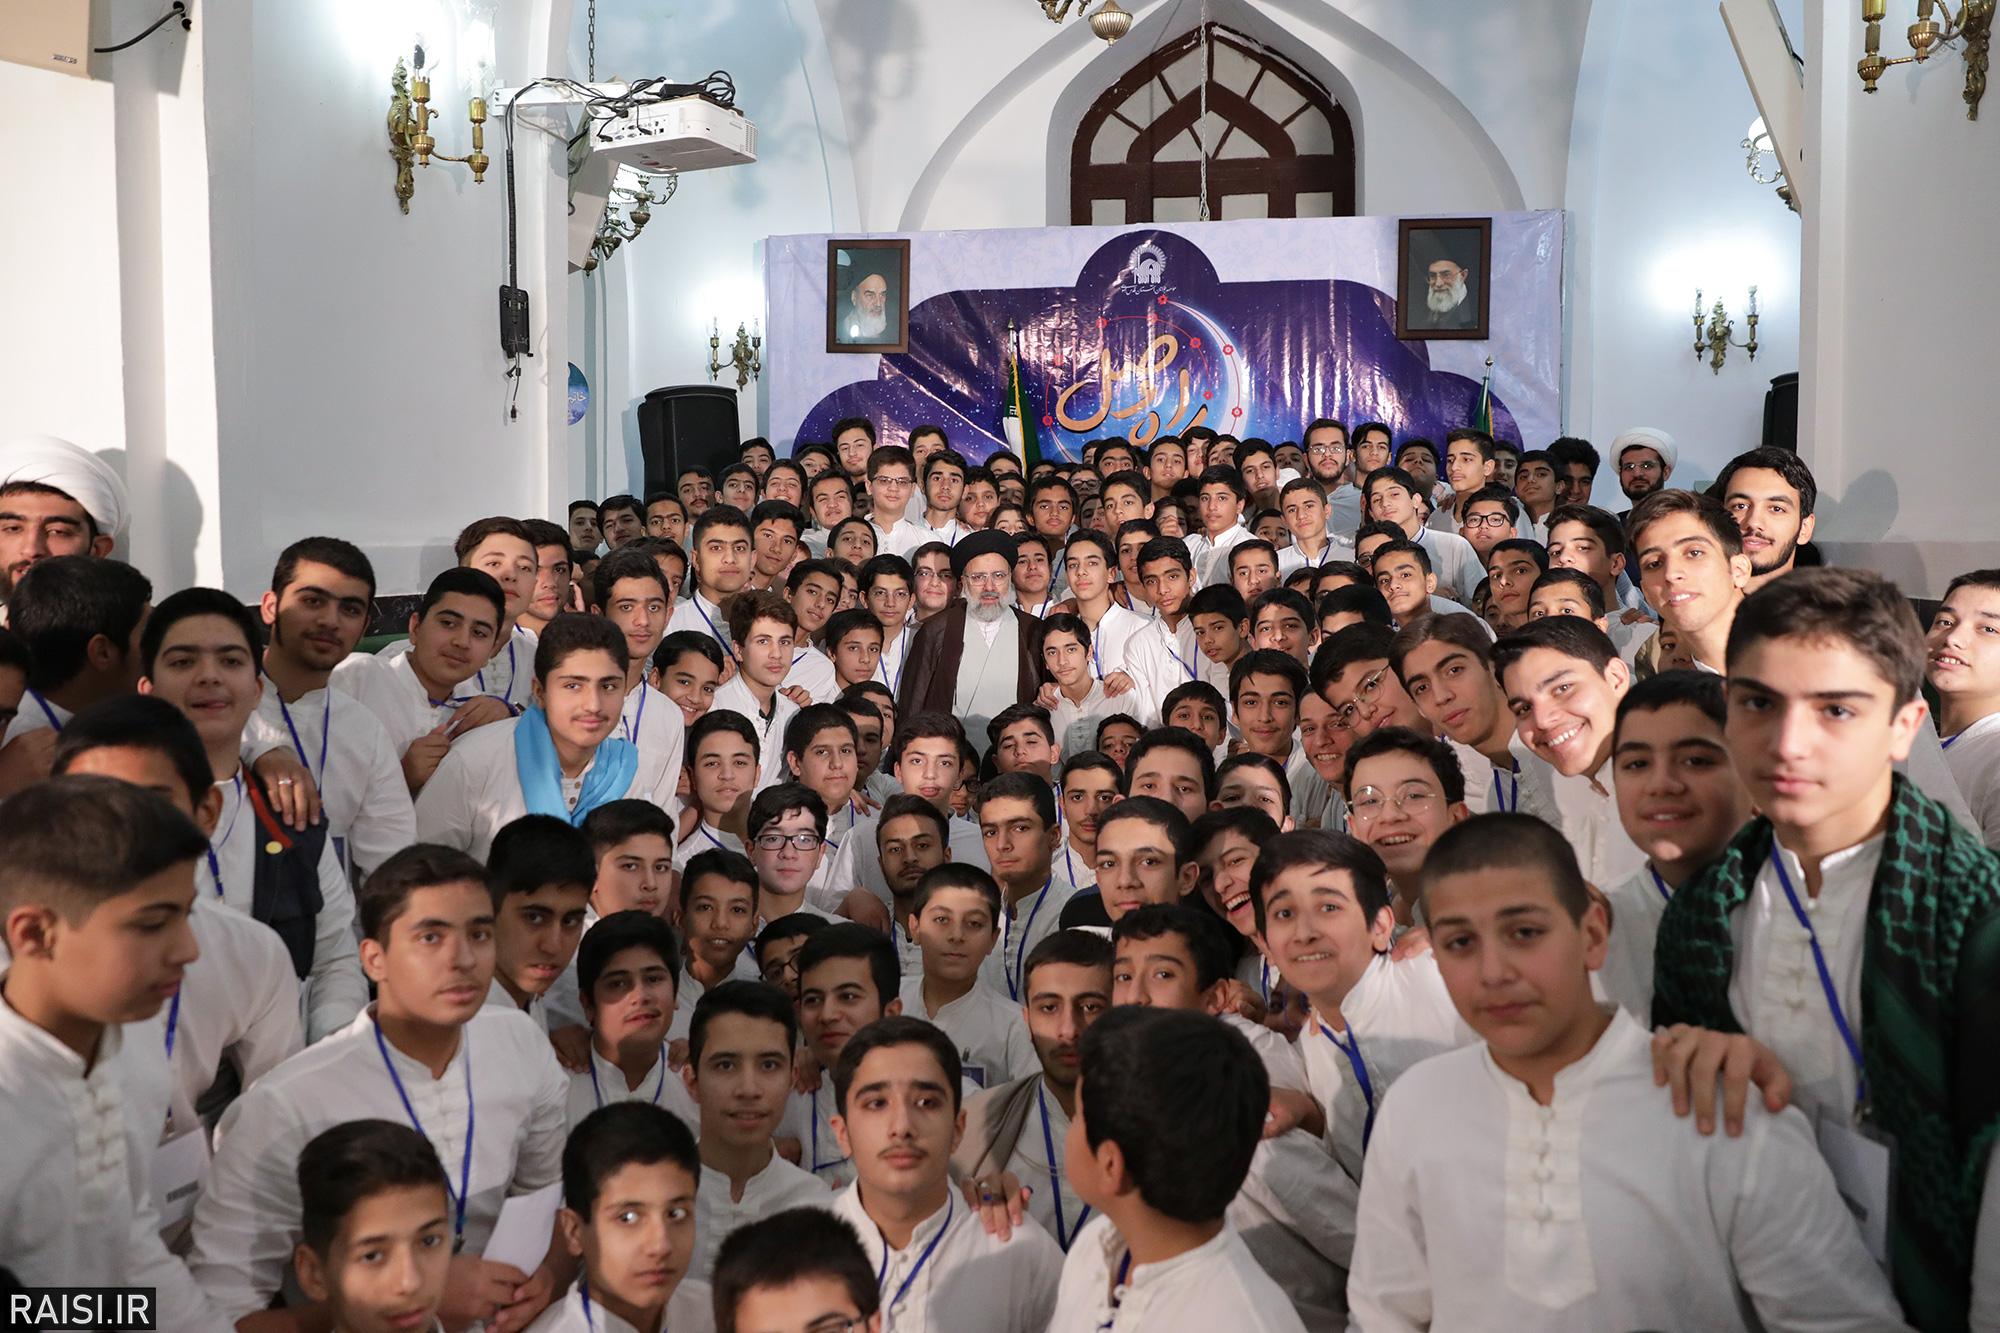 حضور تولیت آستان قدس رضوی در جمع معتکفان نوجوان مسجد جامع گوهرشاد